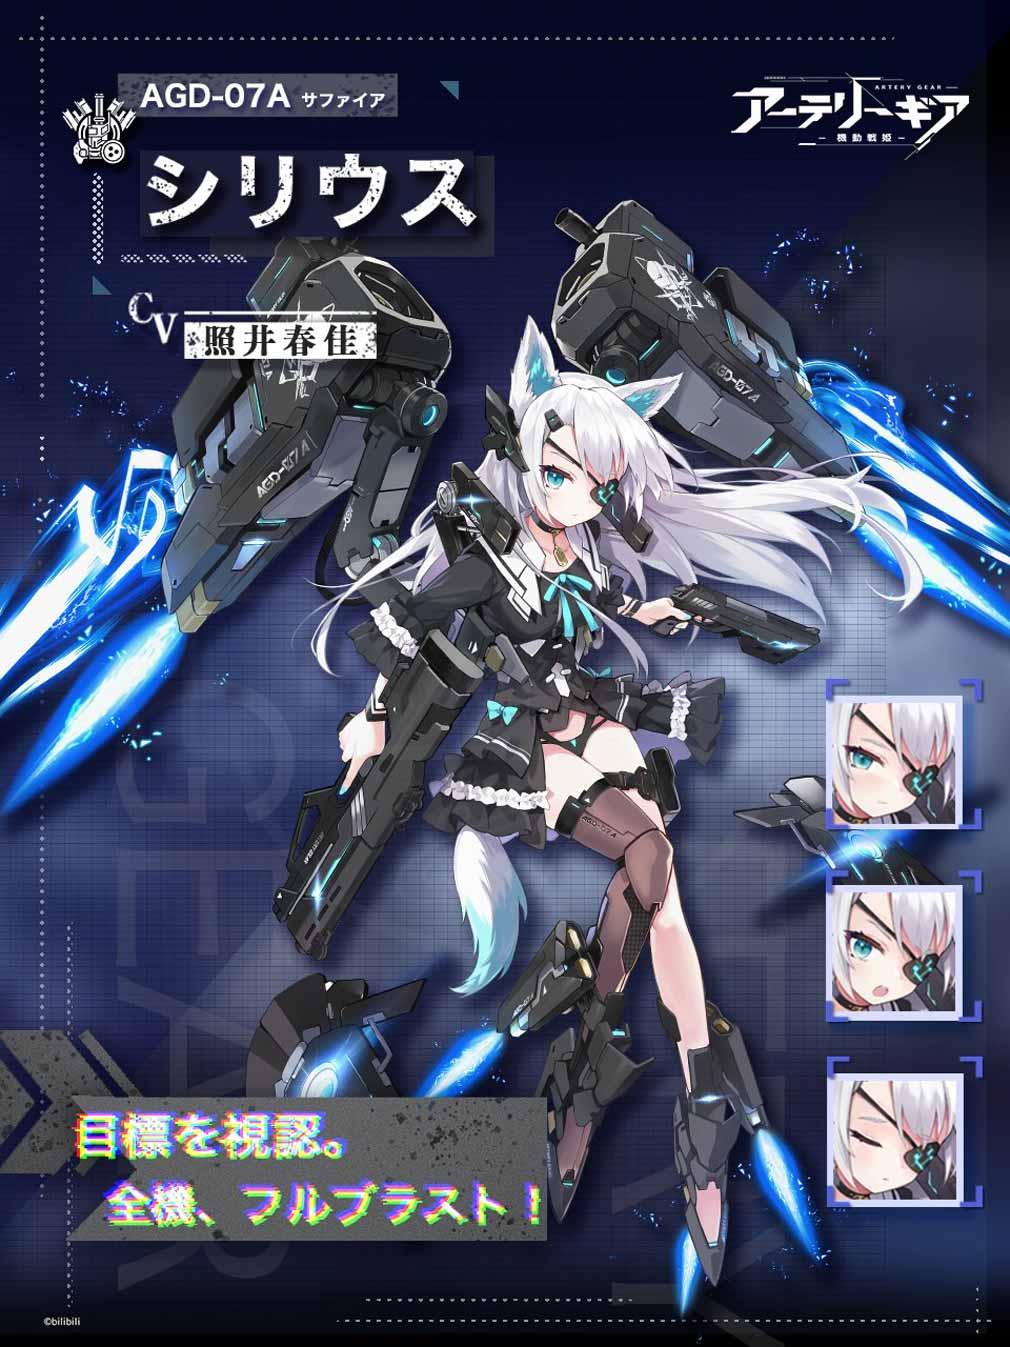 アーテリーギア 機動戦姫(アテギア) キャラクター『シリウス』紹介イメージ